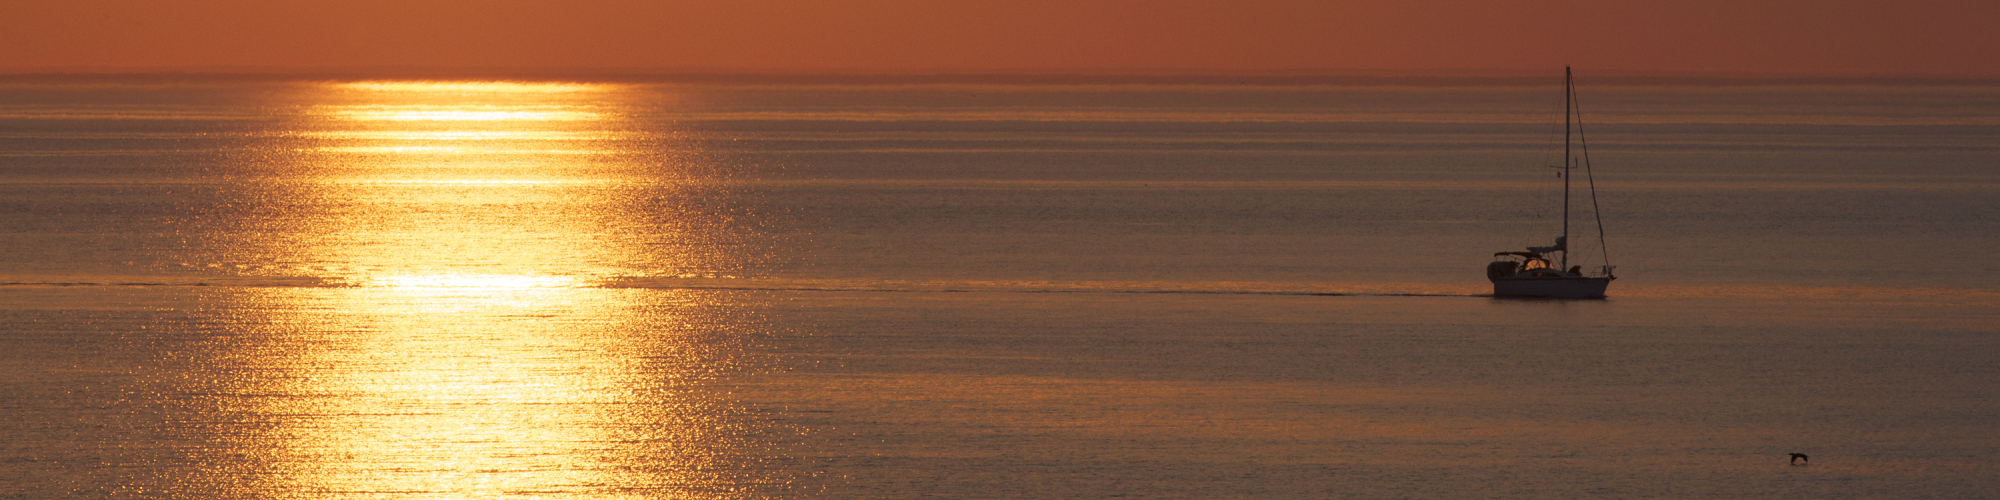 Sailboat at sea, sunset